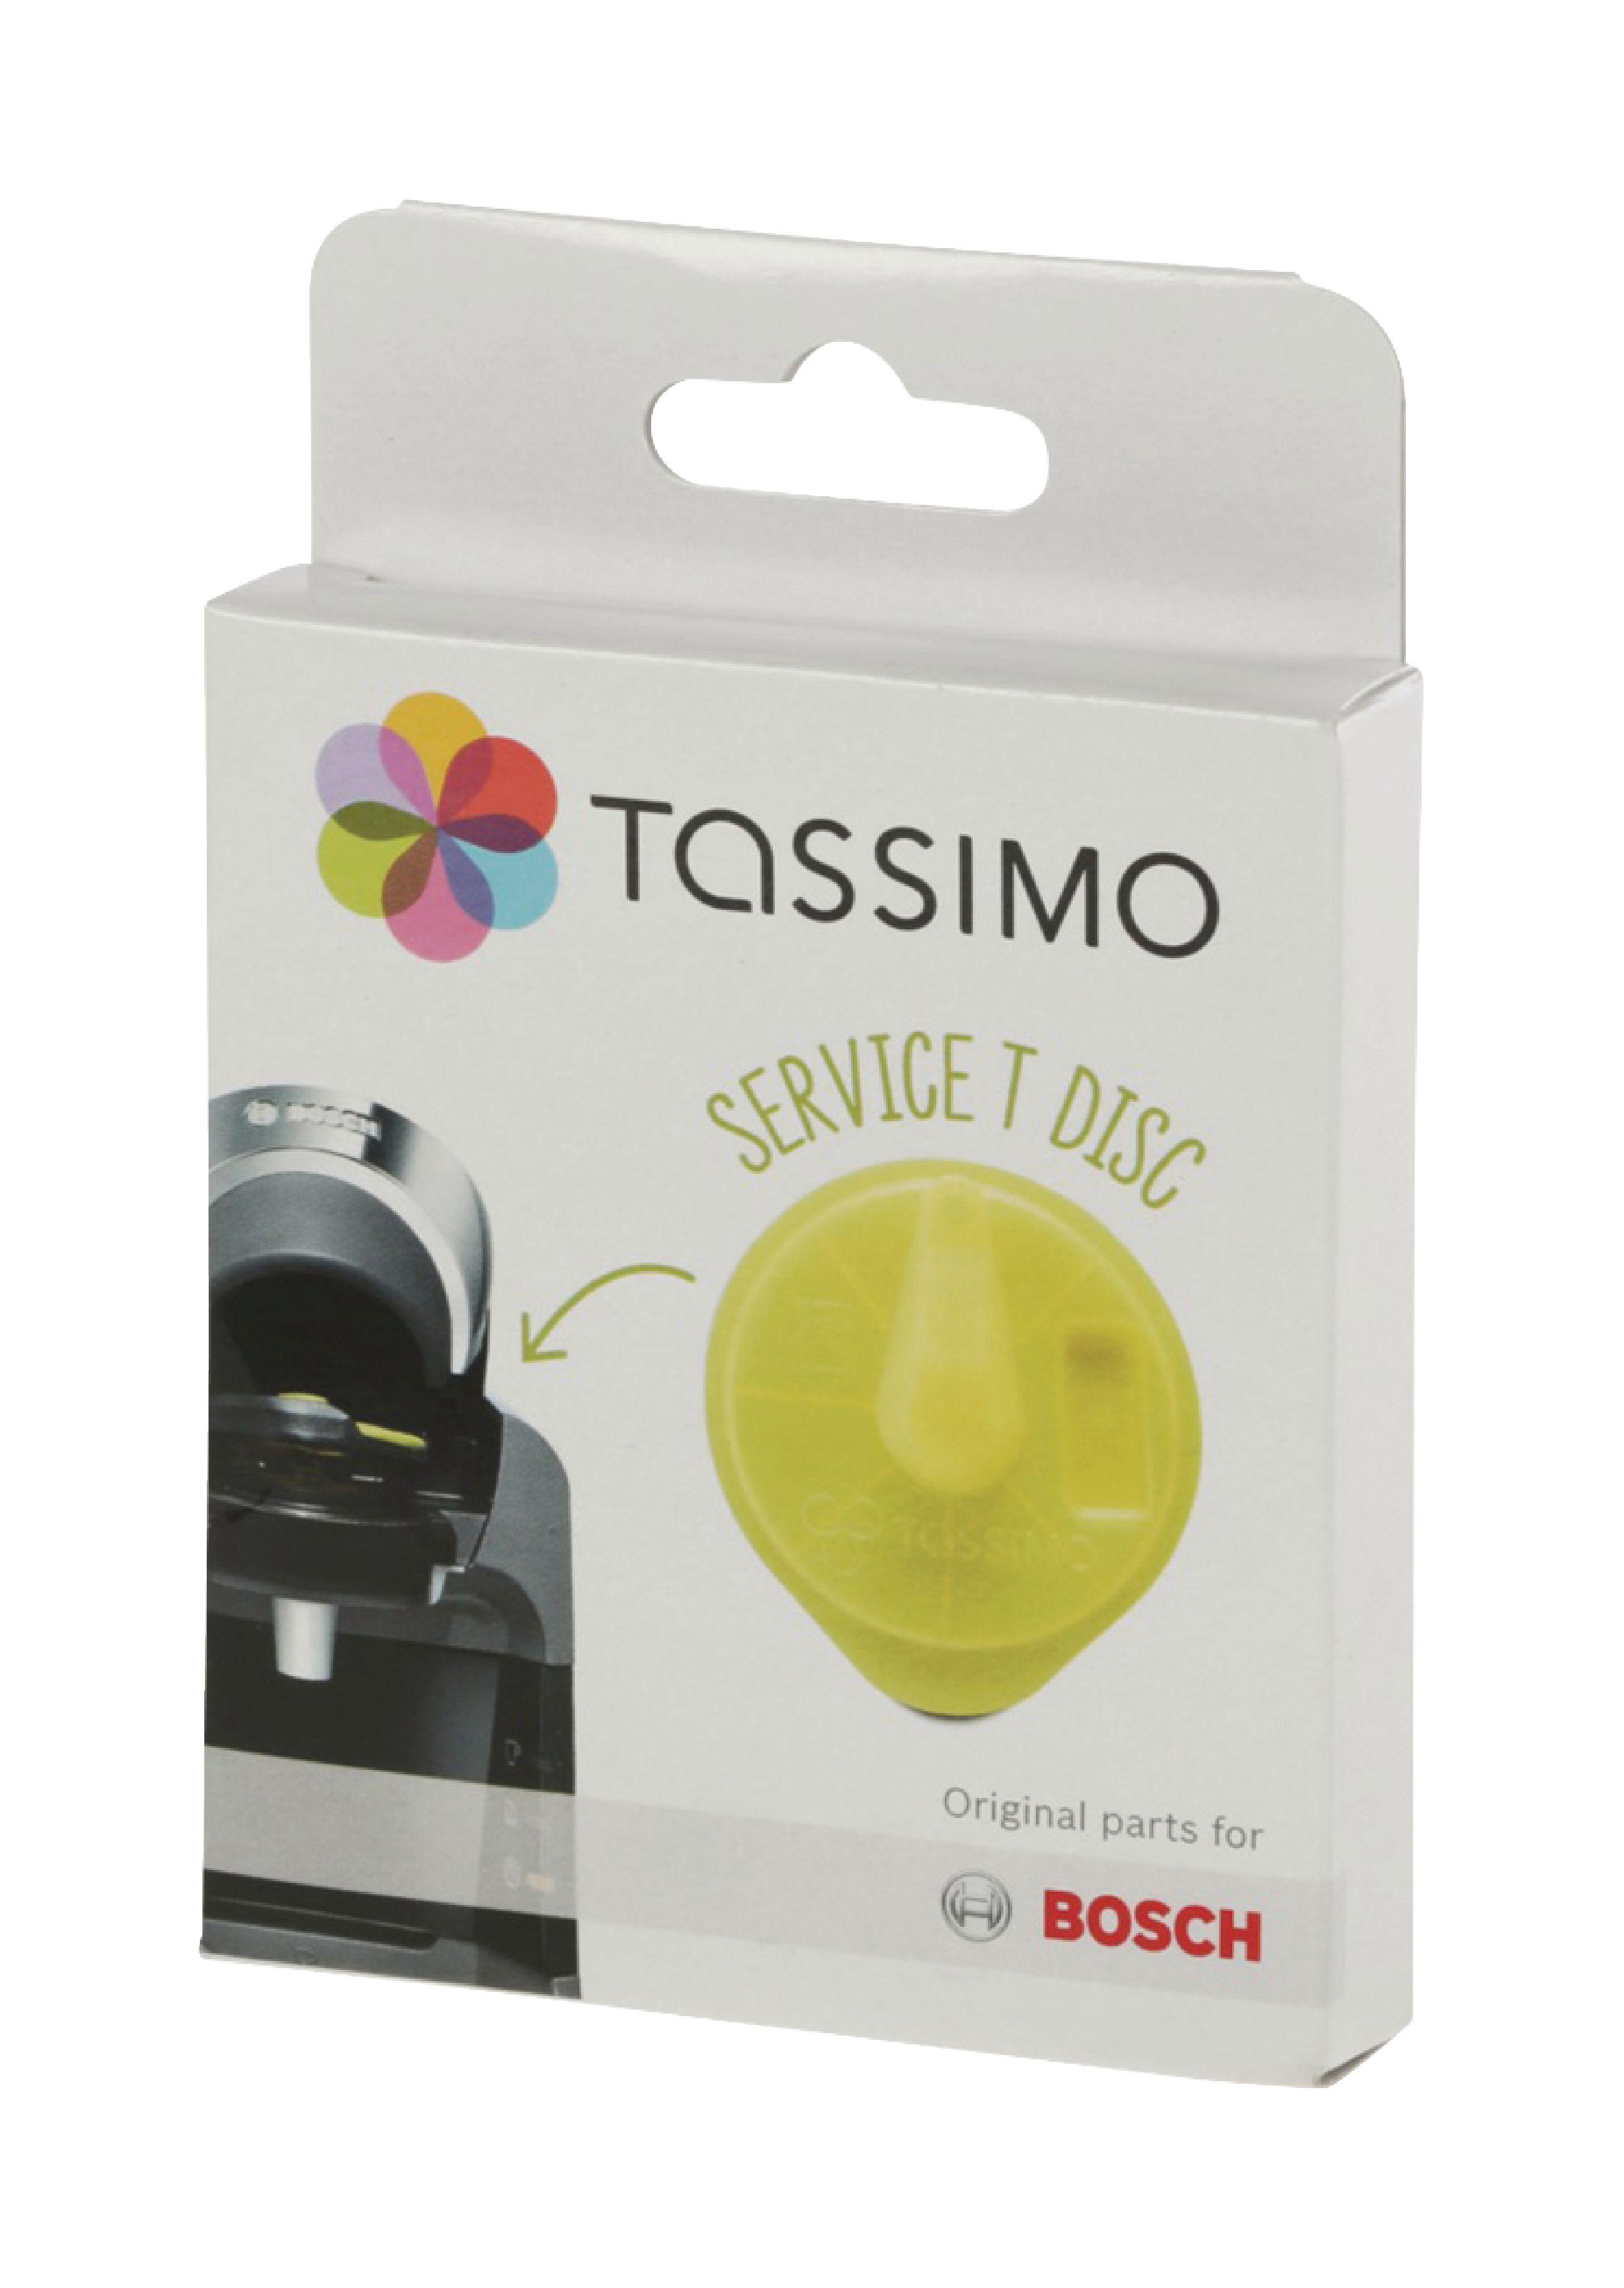 Servisní T-Disk kávovar Tassimo Bosh 576836